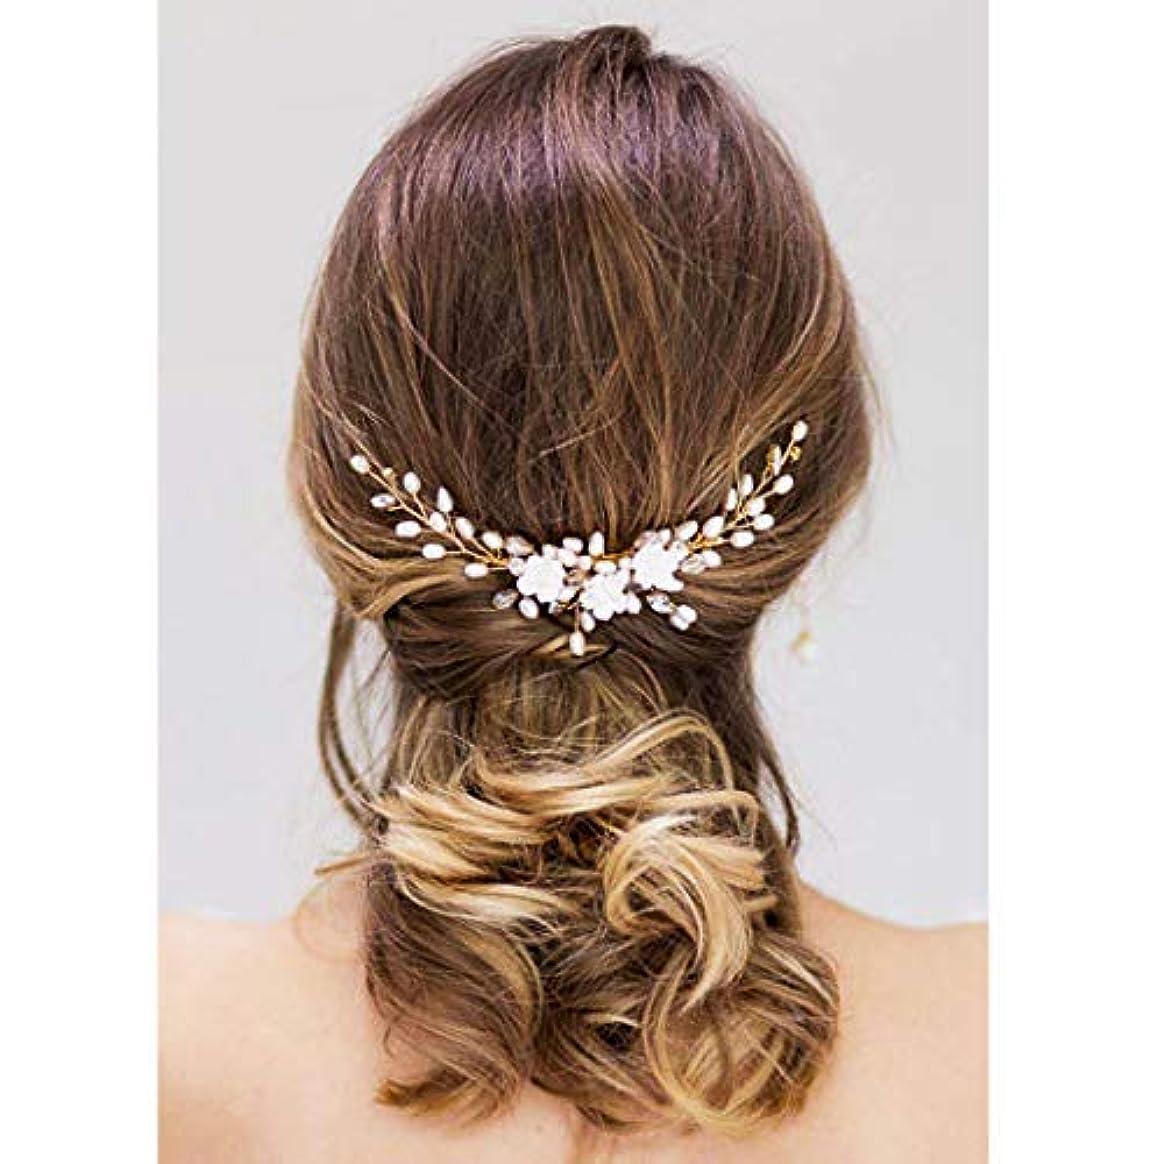 にもかかわらずお酒繊維Drecode Bride Wedding Hair Comb Flower Headpiece Pearl Rhinestone Hair Accessories for Women and Girls [並行輸入品]